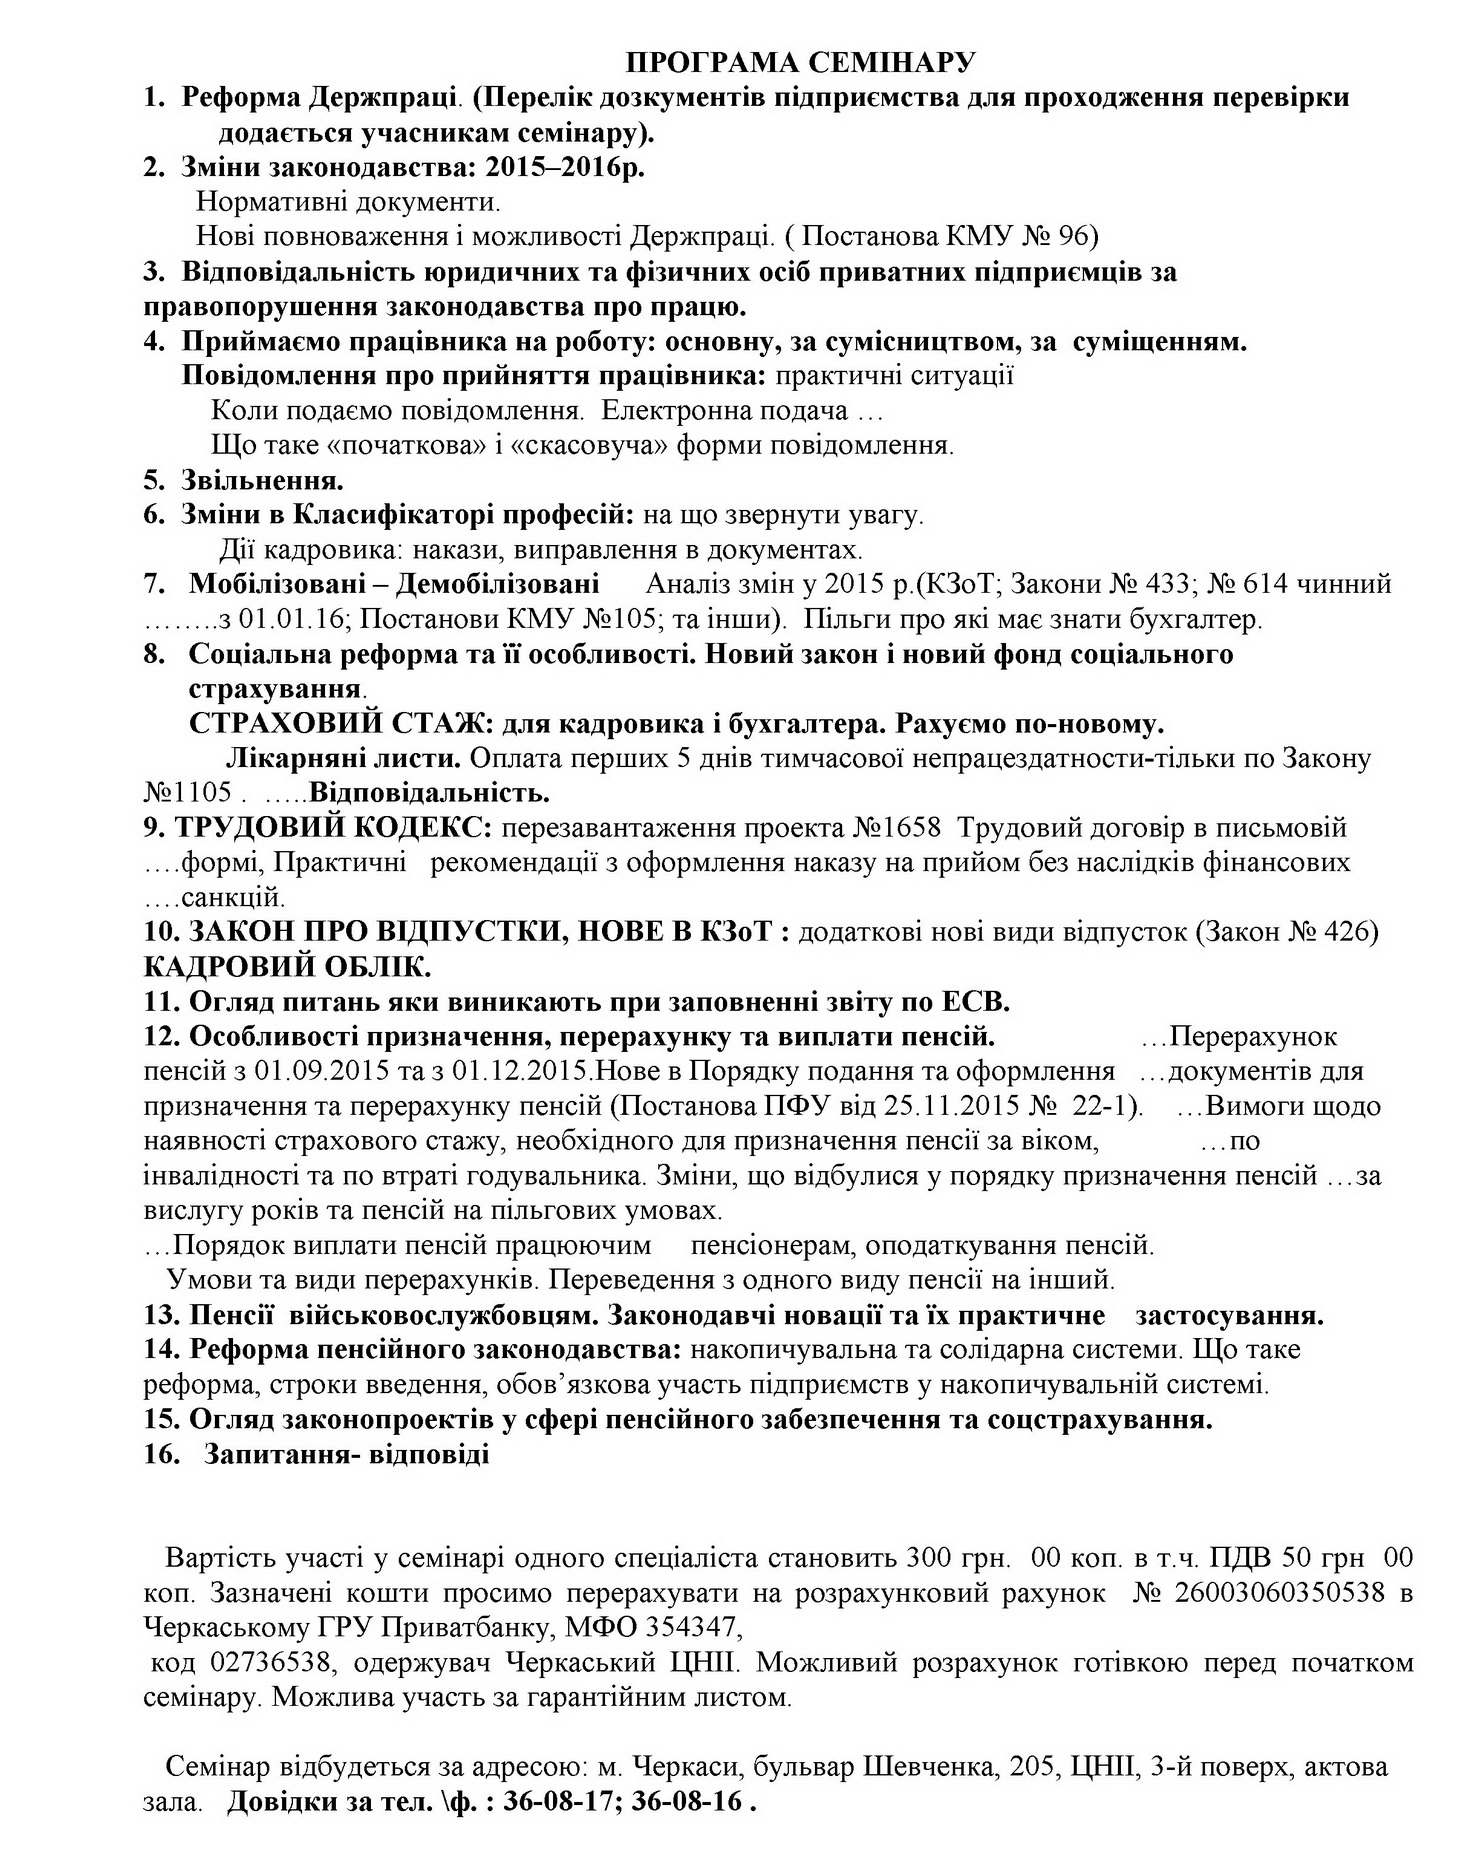 бланк заявки на відкриття рахунку в казначействі 2013р